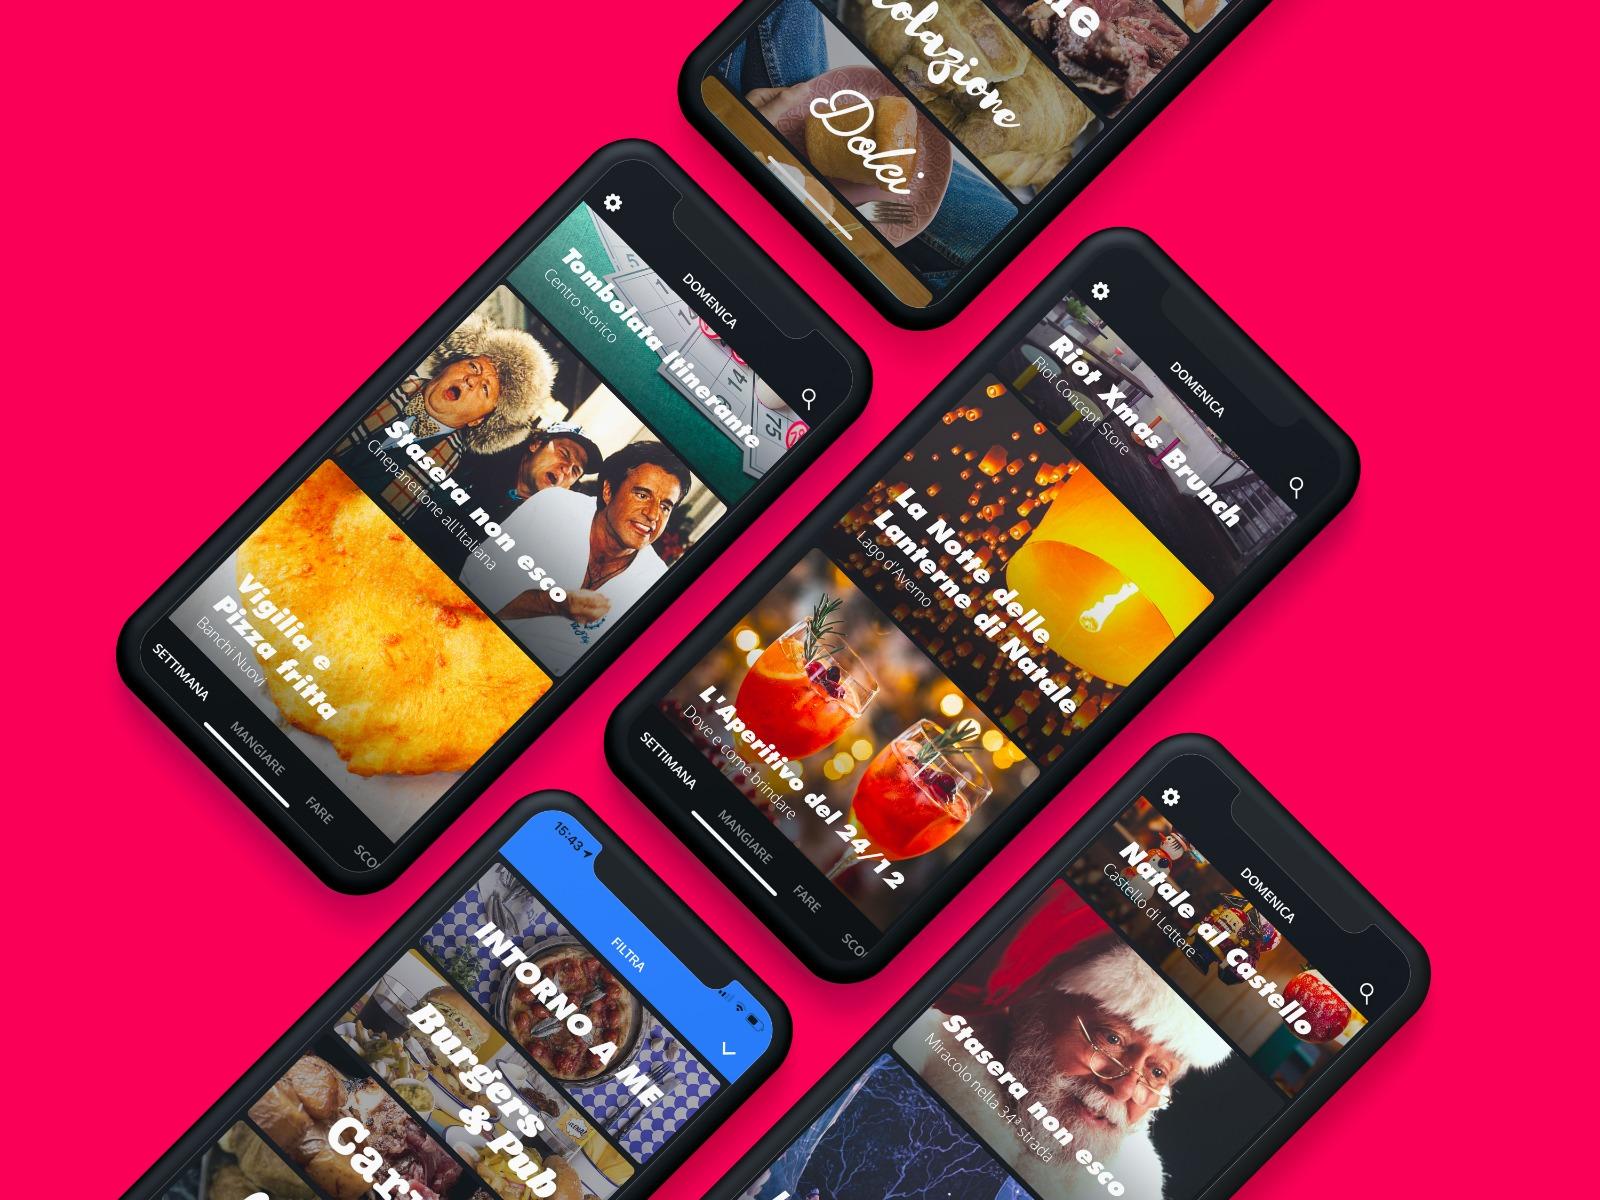 """The Sooper"""", l'app napoletana per orientarsi nelle feste: ricette, eventi, musei e rubriche irriverenti"""